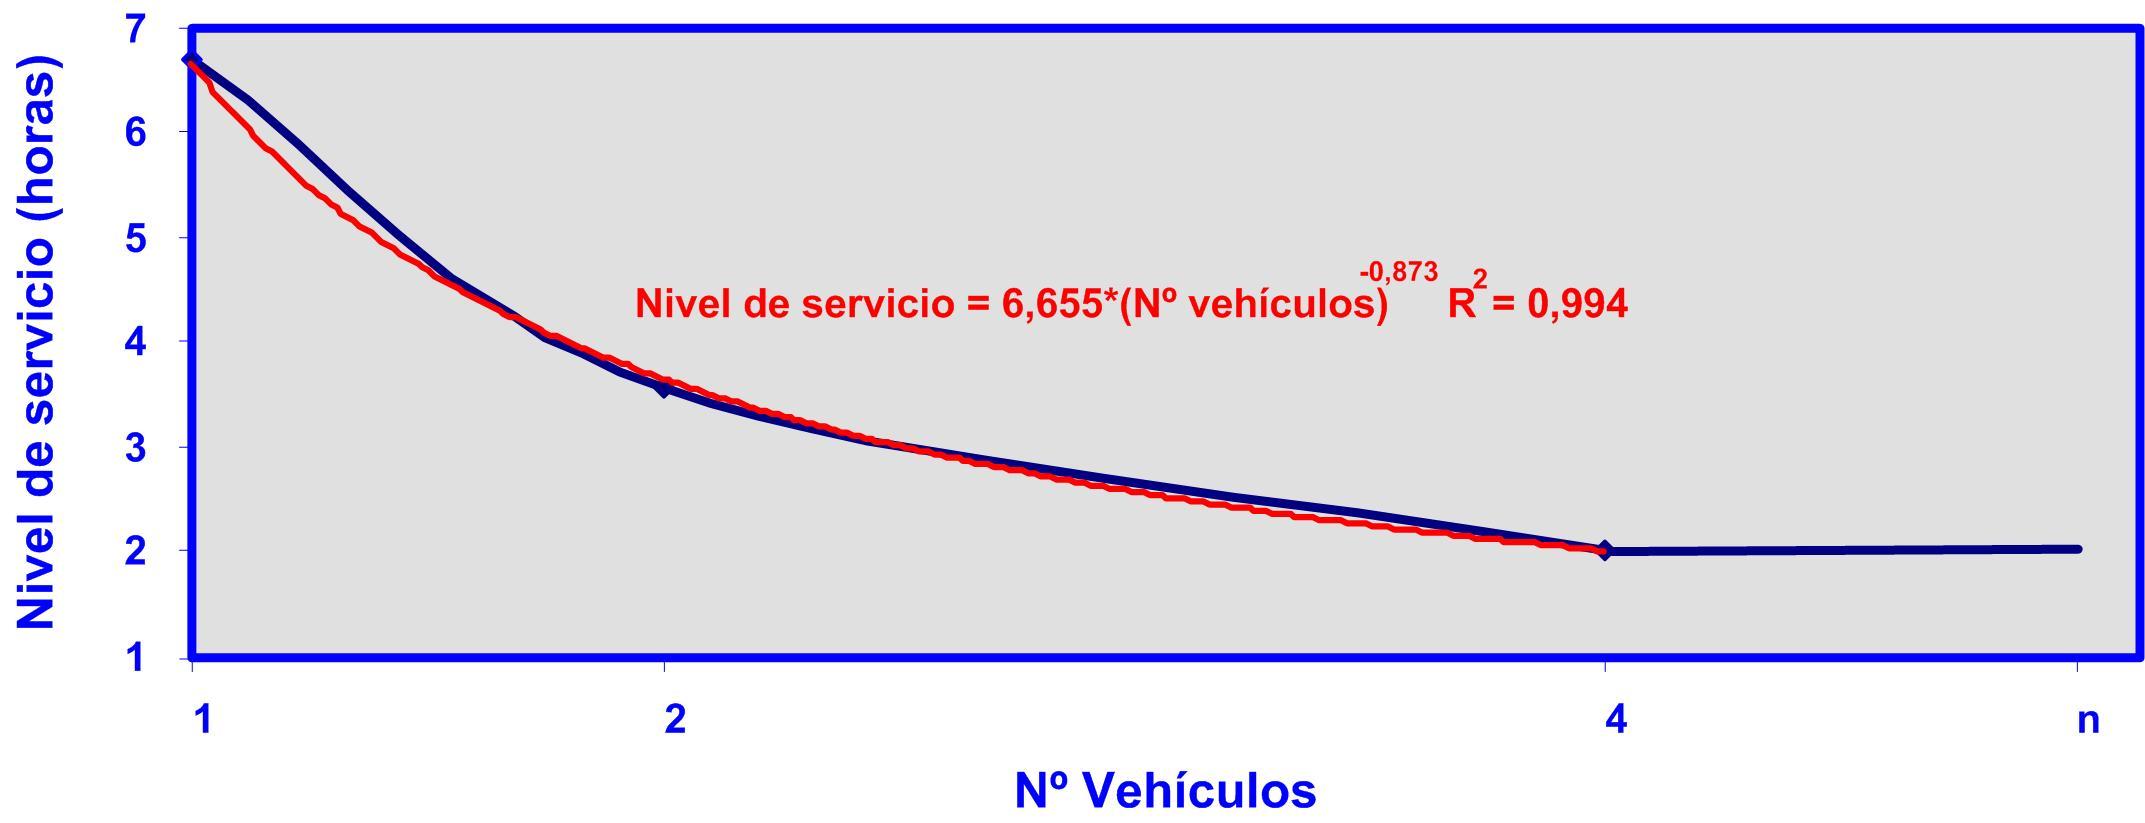 Gráfico 3 relación entre el número de vehículos y el nivel de servicio para el caso A 31082015 Nivel de servicio nº vehículos